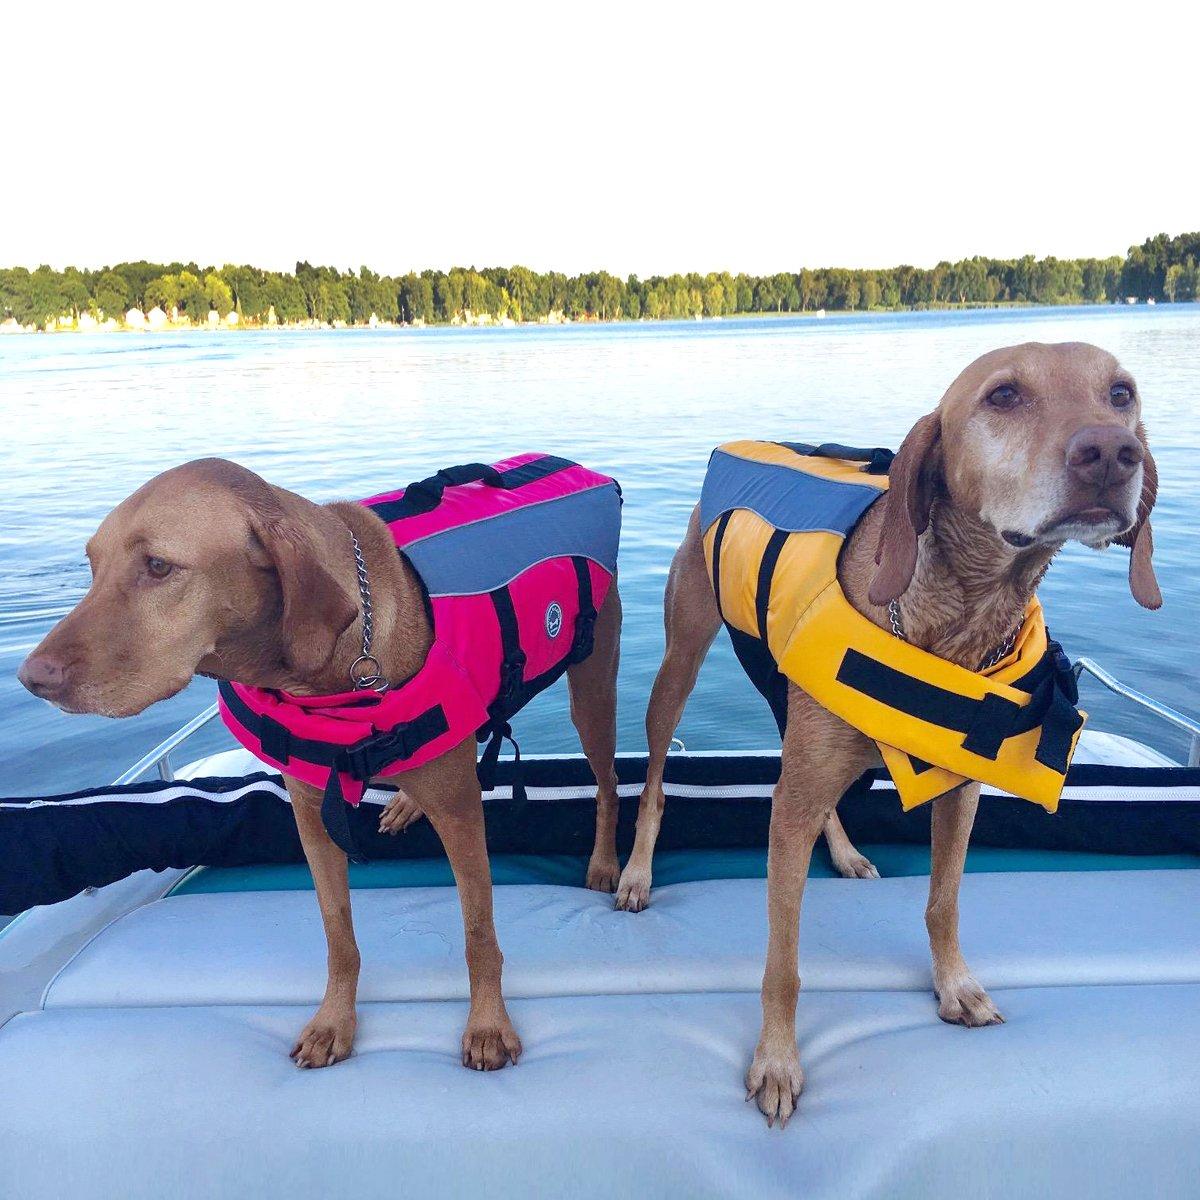 VIVAGLORY Chaleco Salvavidas para Perros con Flotador Delantero Perros Seguridad Nataci/ón Ropa